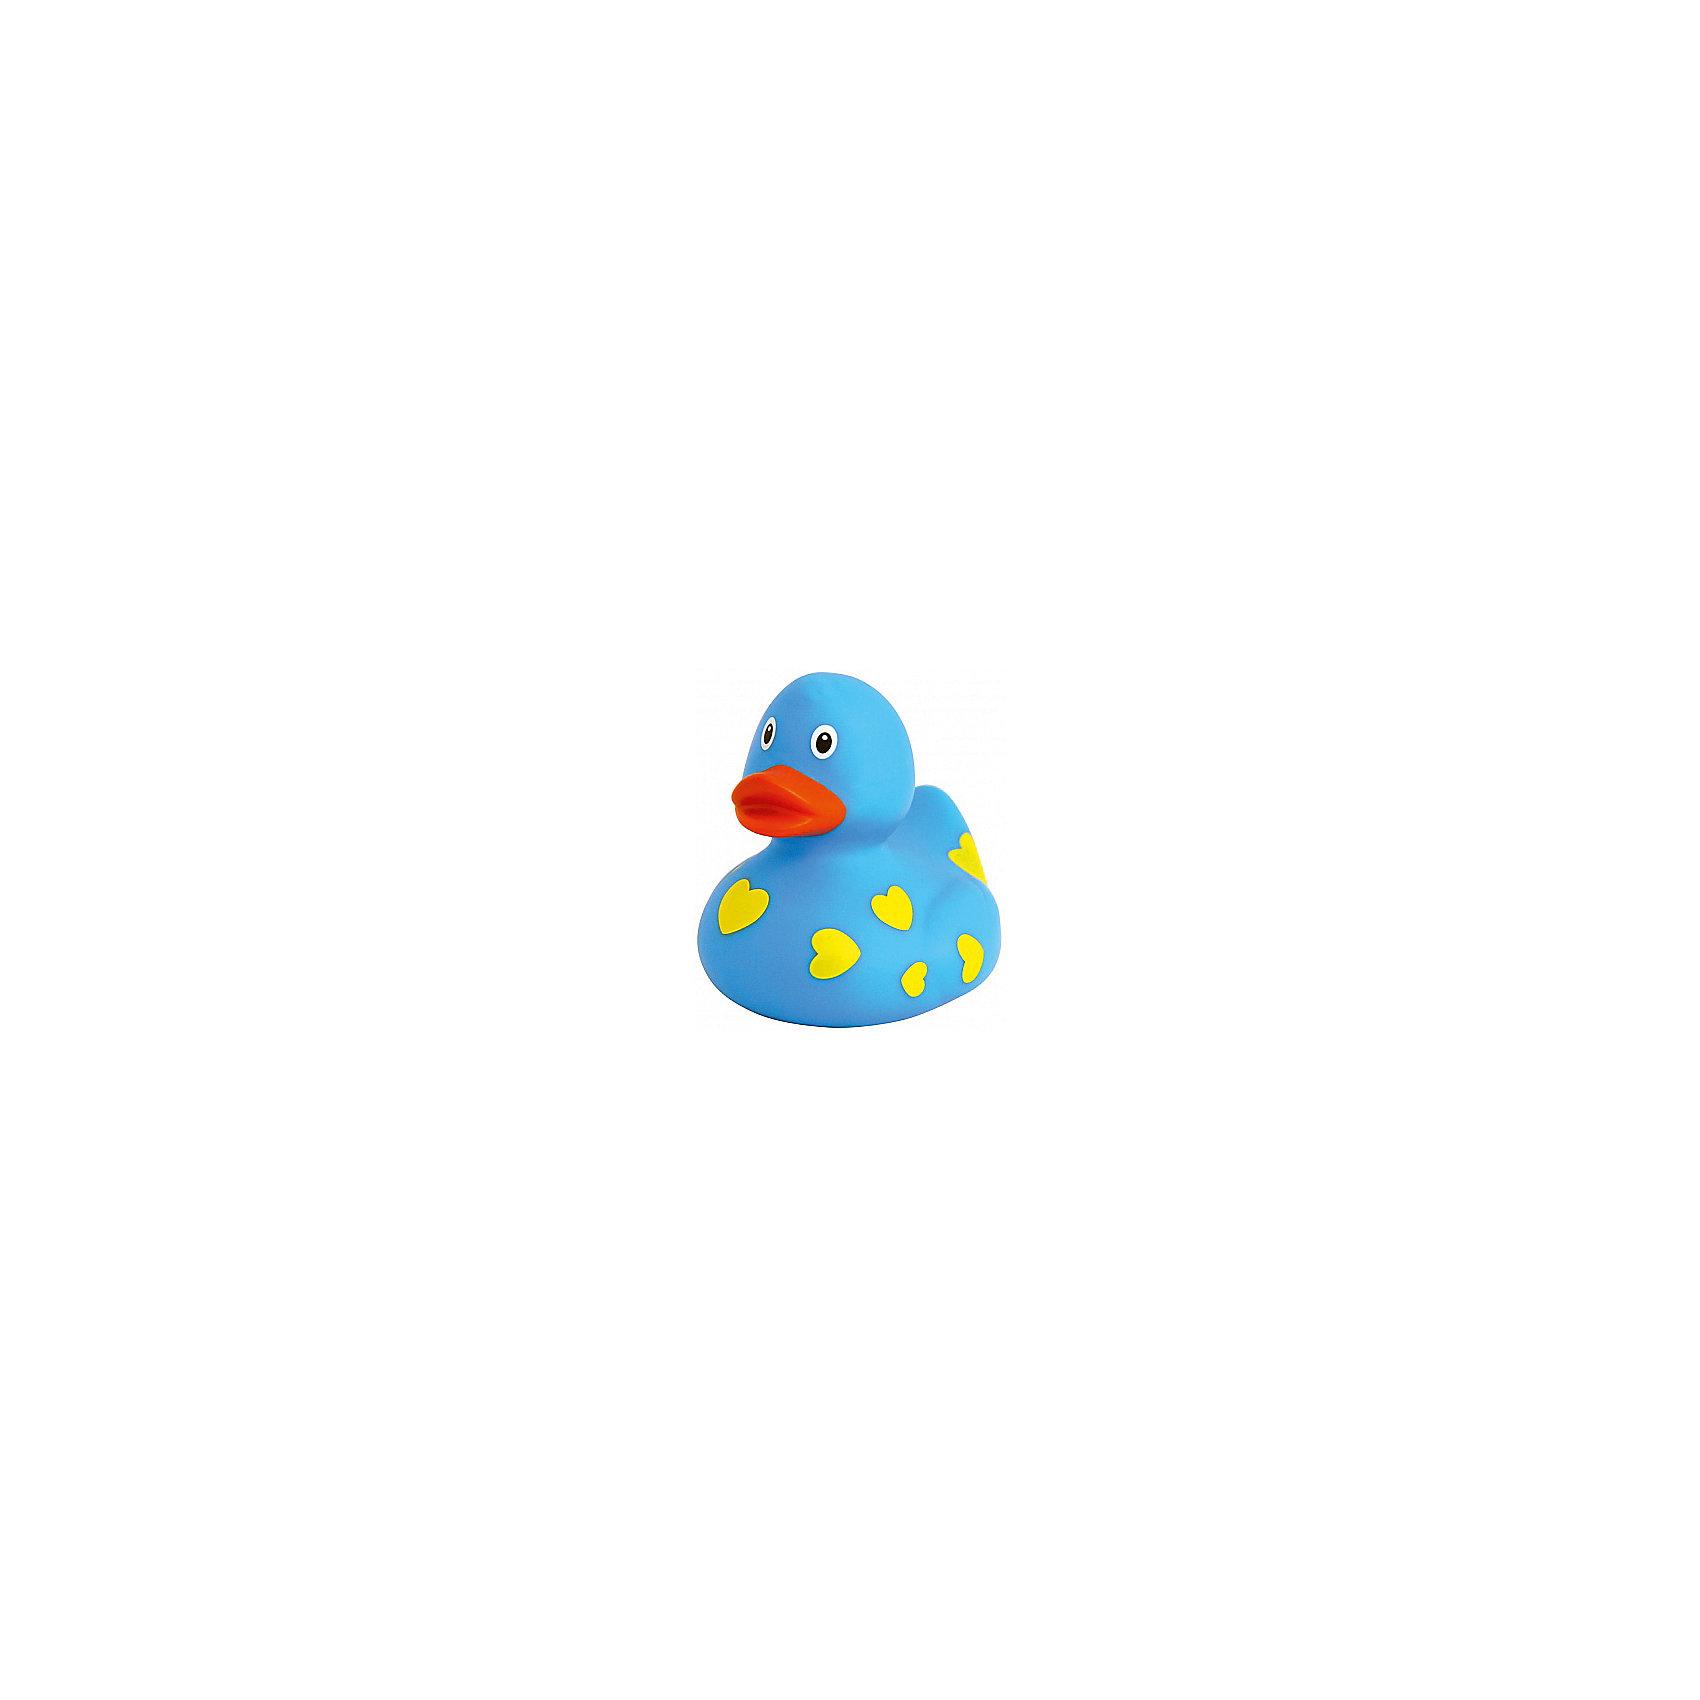 - Уточка голубая в сердечках, Ути-Пути виброплатформы для похудения в алматы в интернет магазине